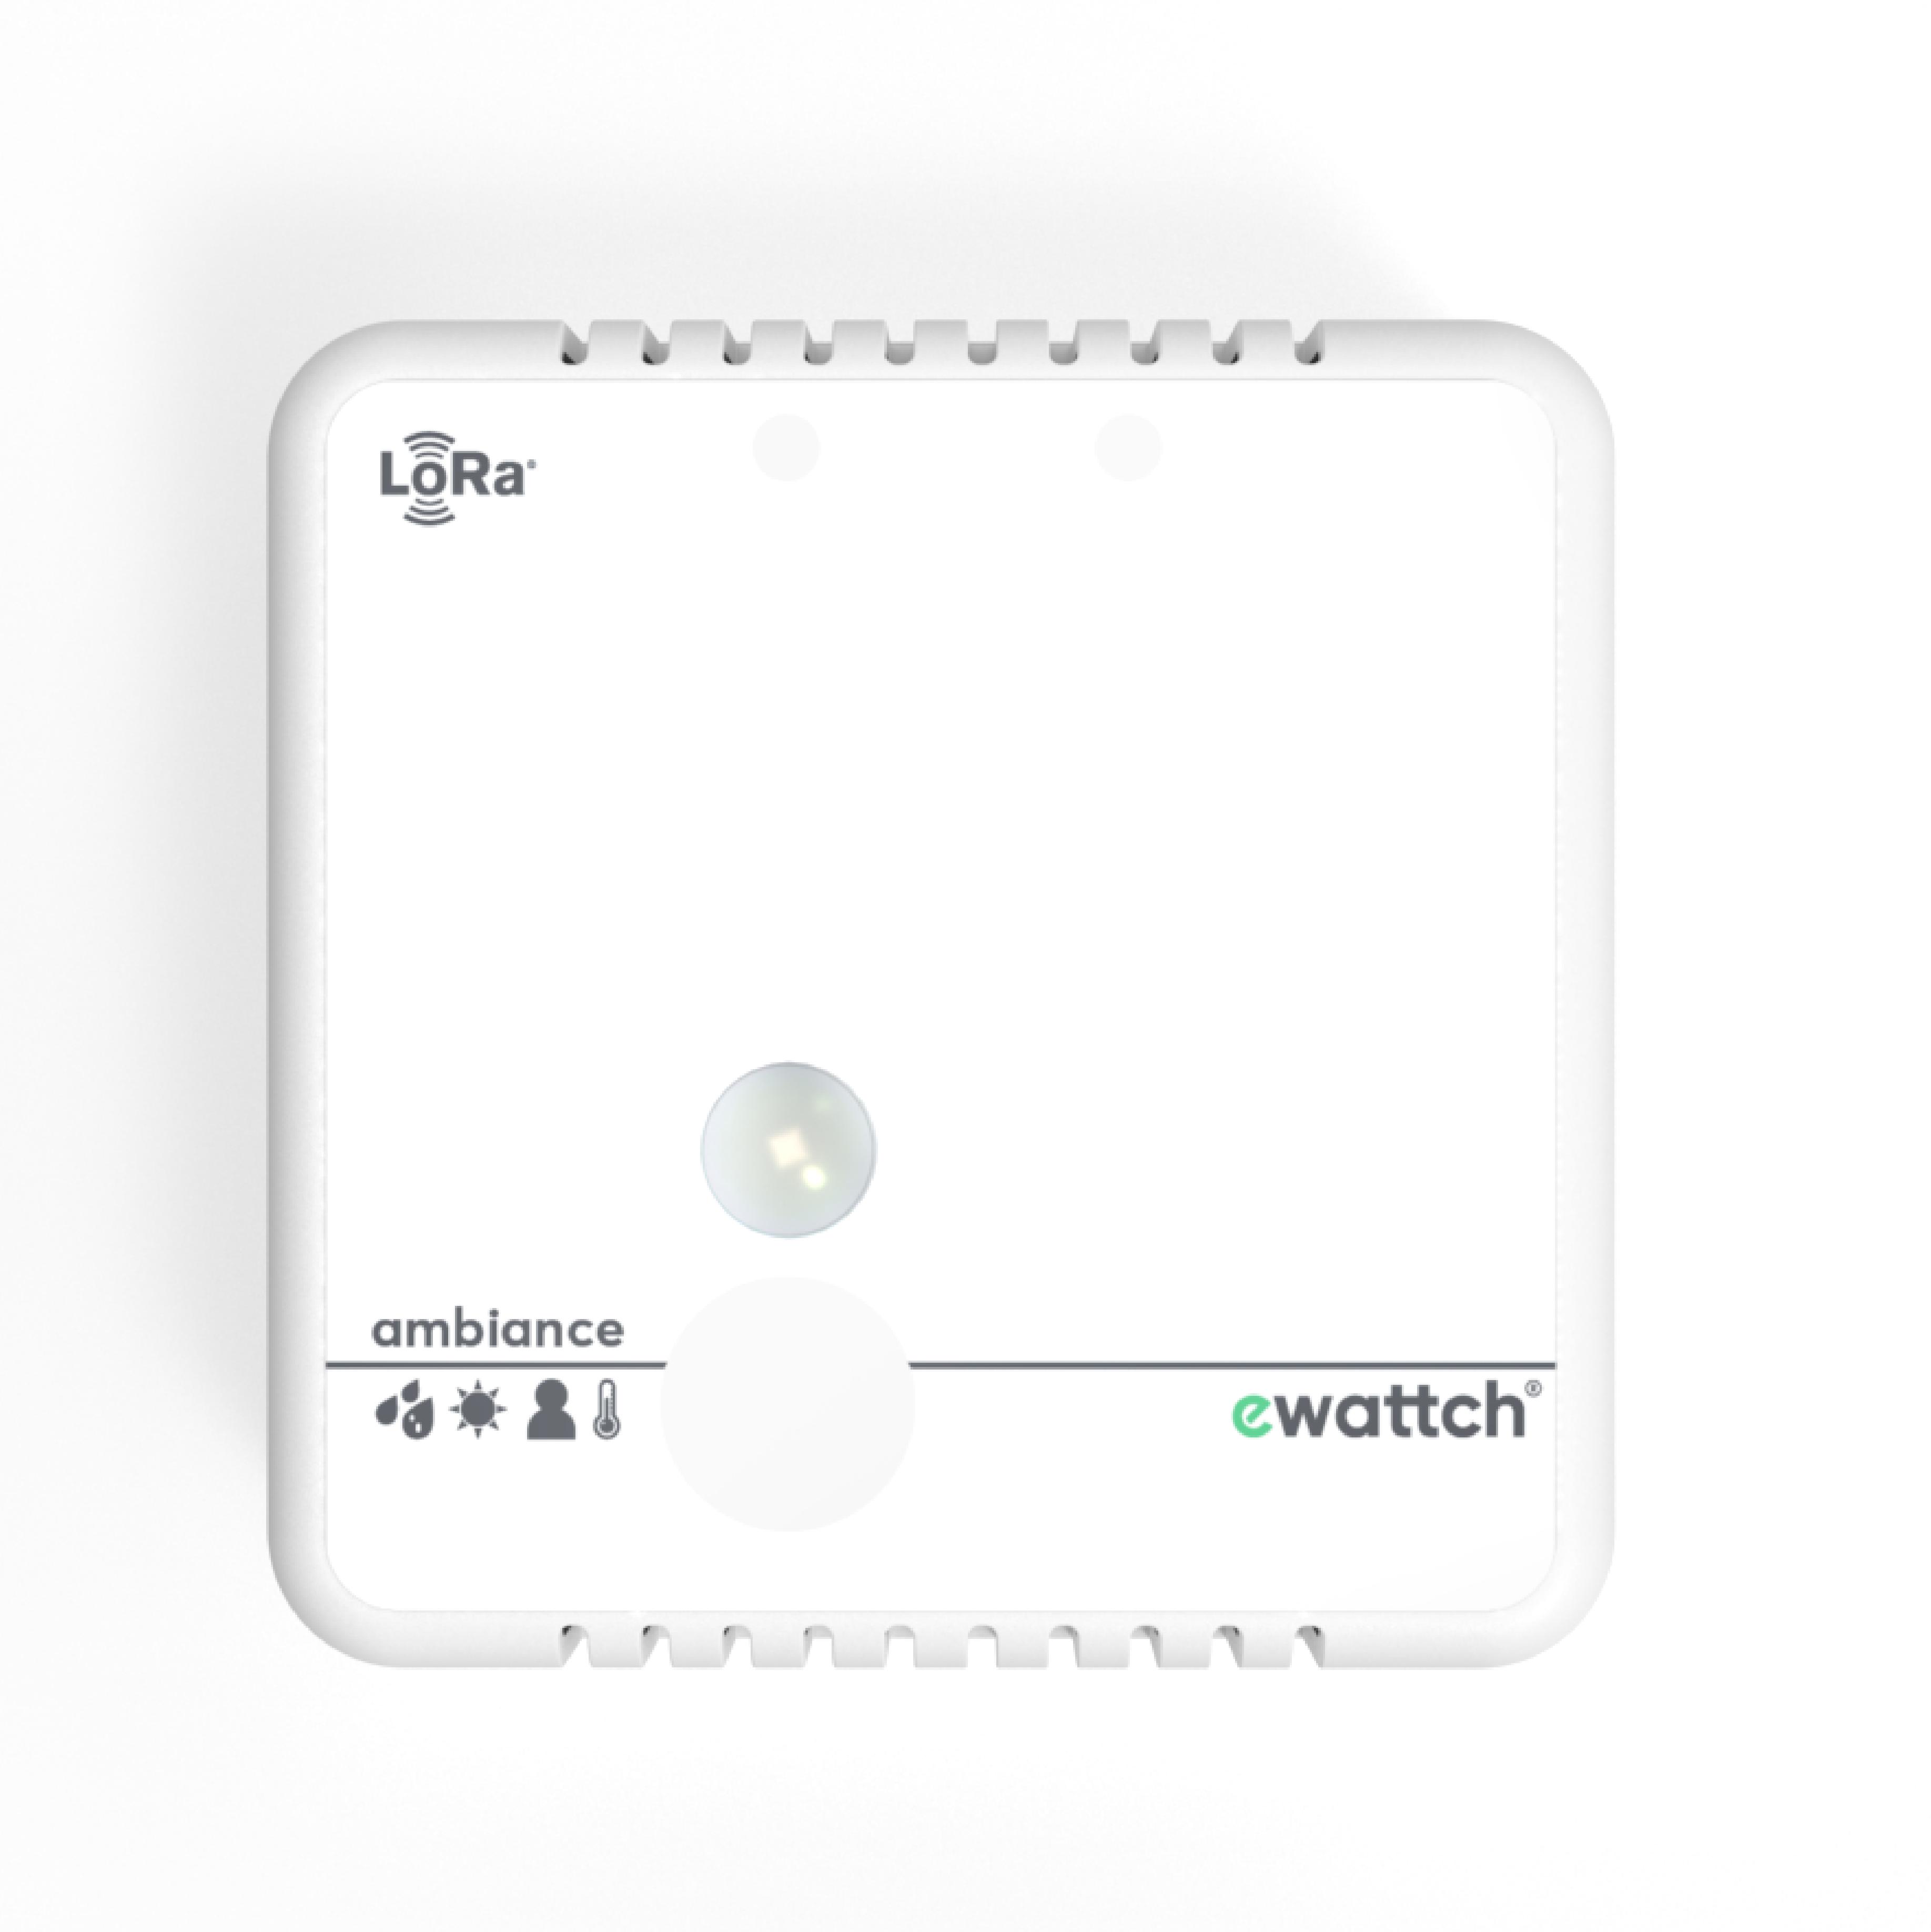 Capteur Ambiance - mesure de température - capteur de luminosité - mesure d'humidité - détection présence - capteur Lora - capteur Lorawan